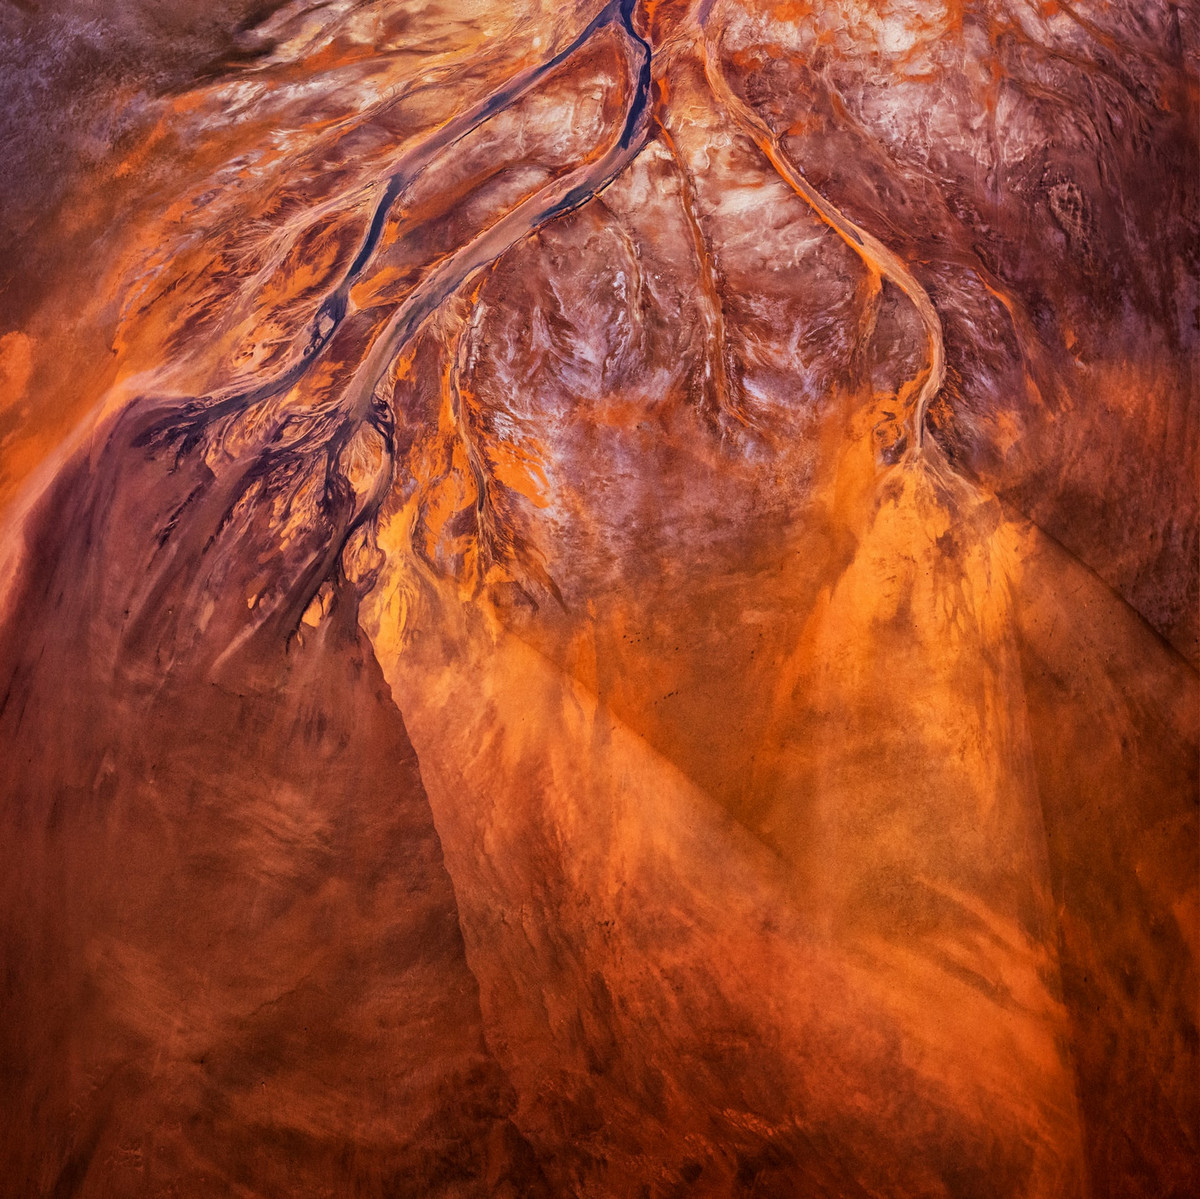 Озеро Эйр в аэрофотографиях  18